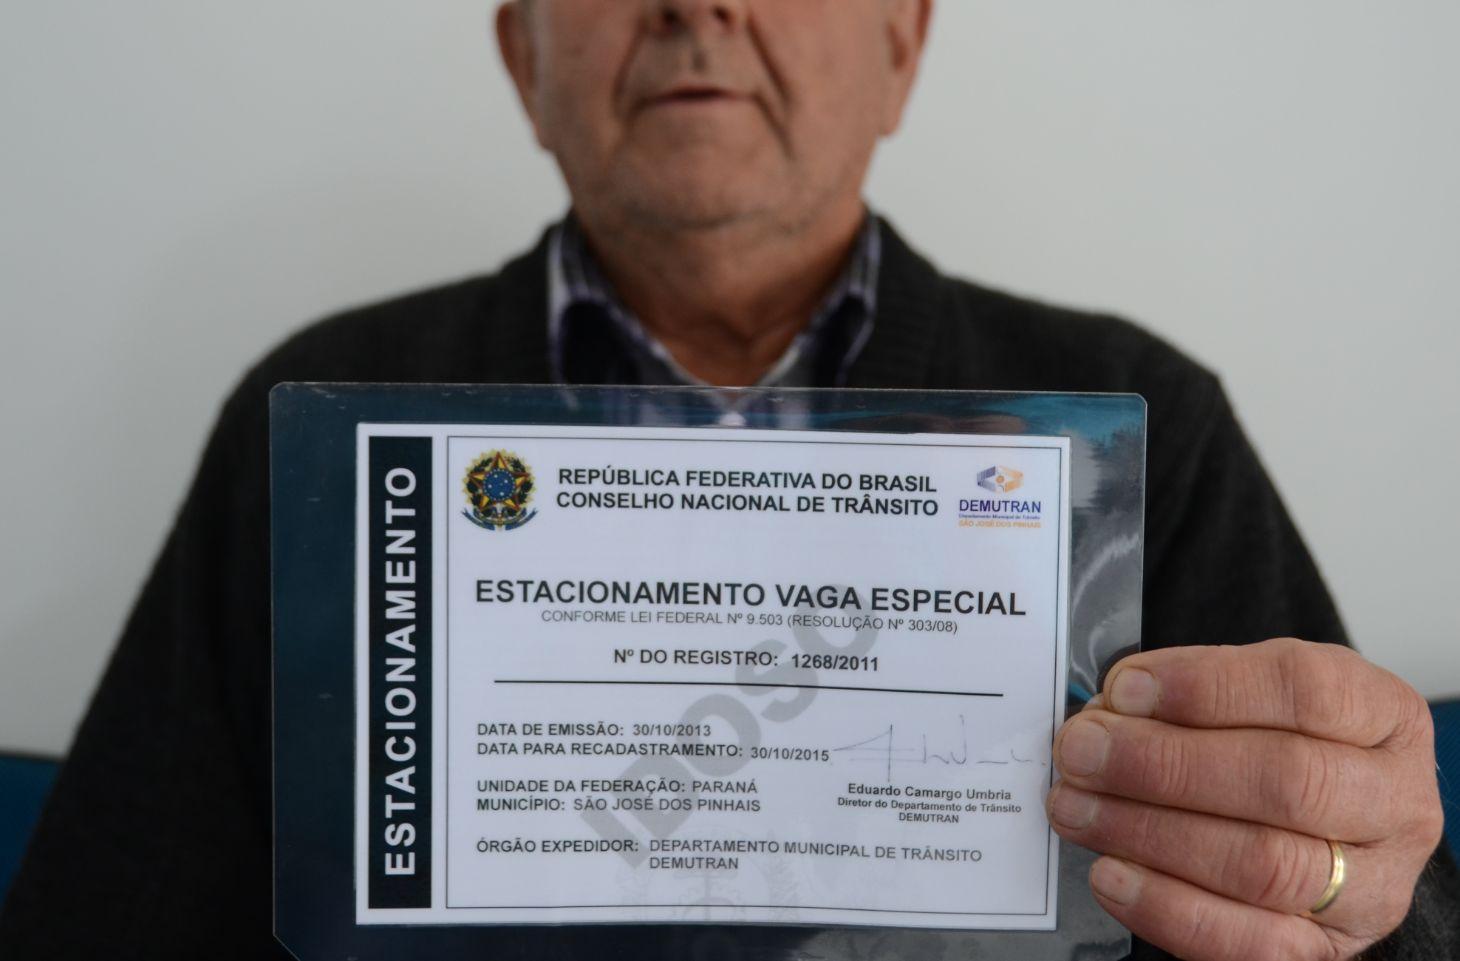 cartao de estacionamento do idoso credenciamento de estacionamento vaga especial idoso idoso segura documento da prefeitura de sao jose dos pinhais